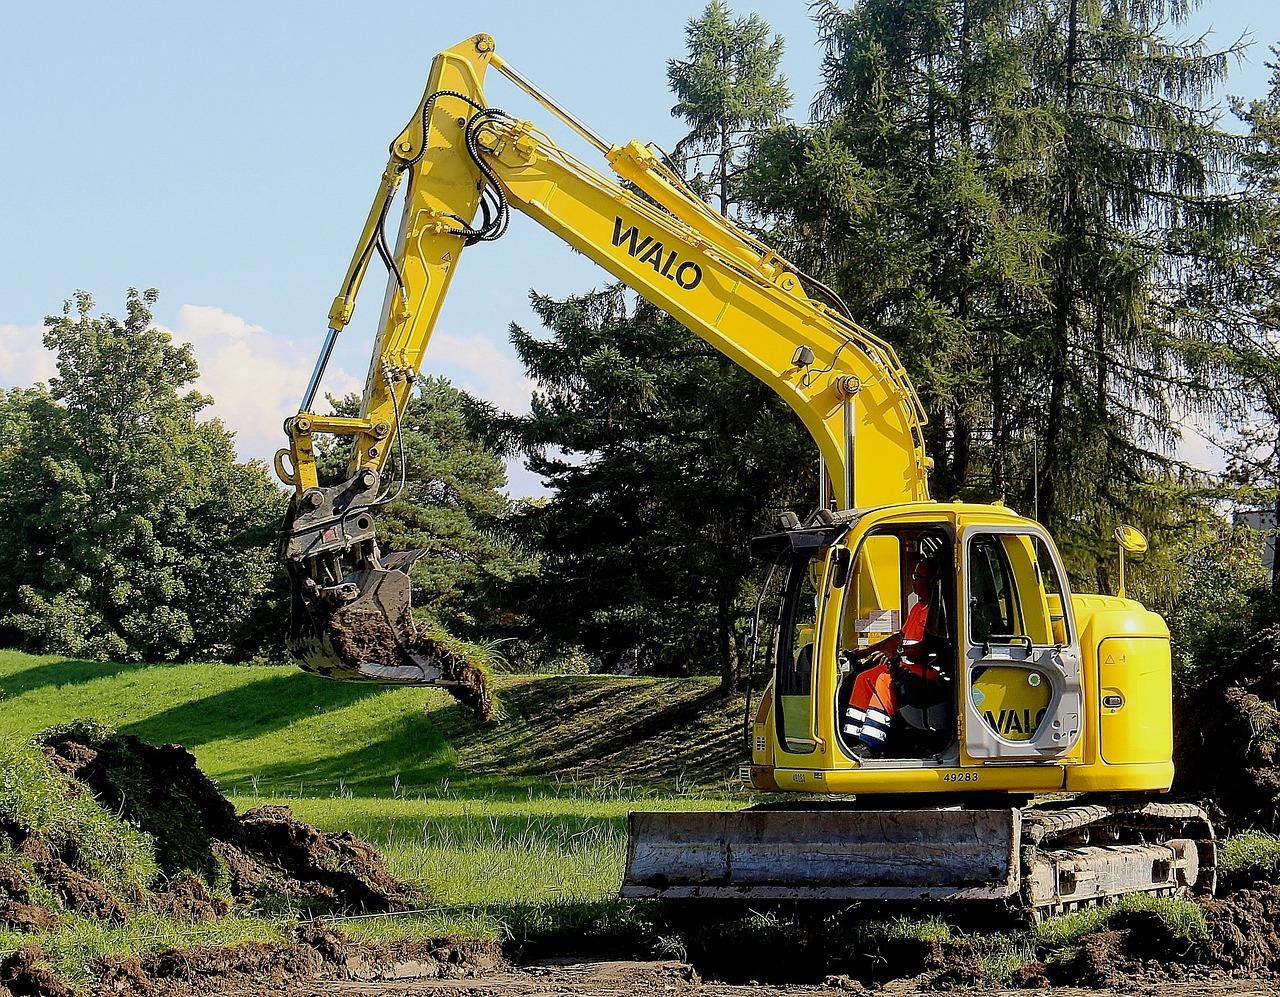 Stan techniczny maszyn i urządzeń budowlanych